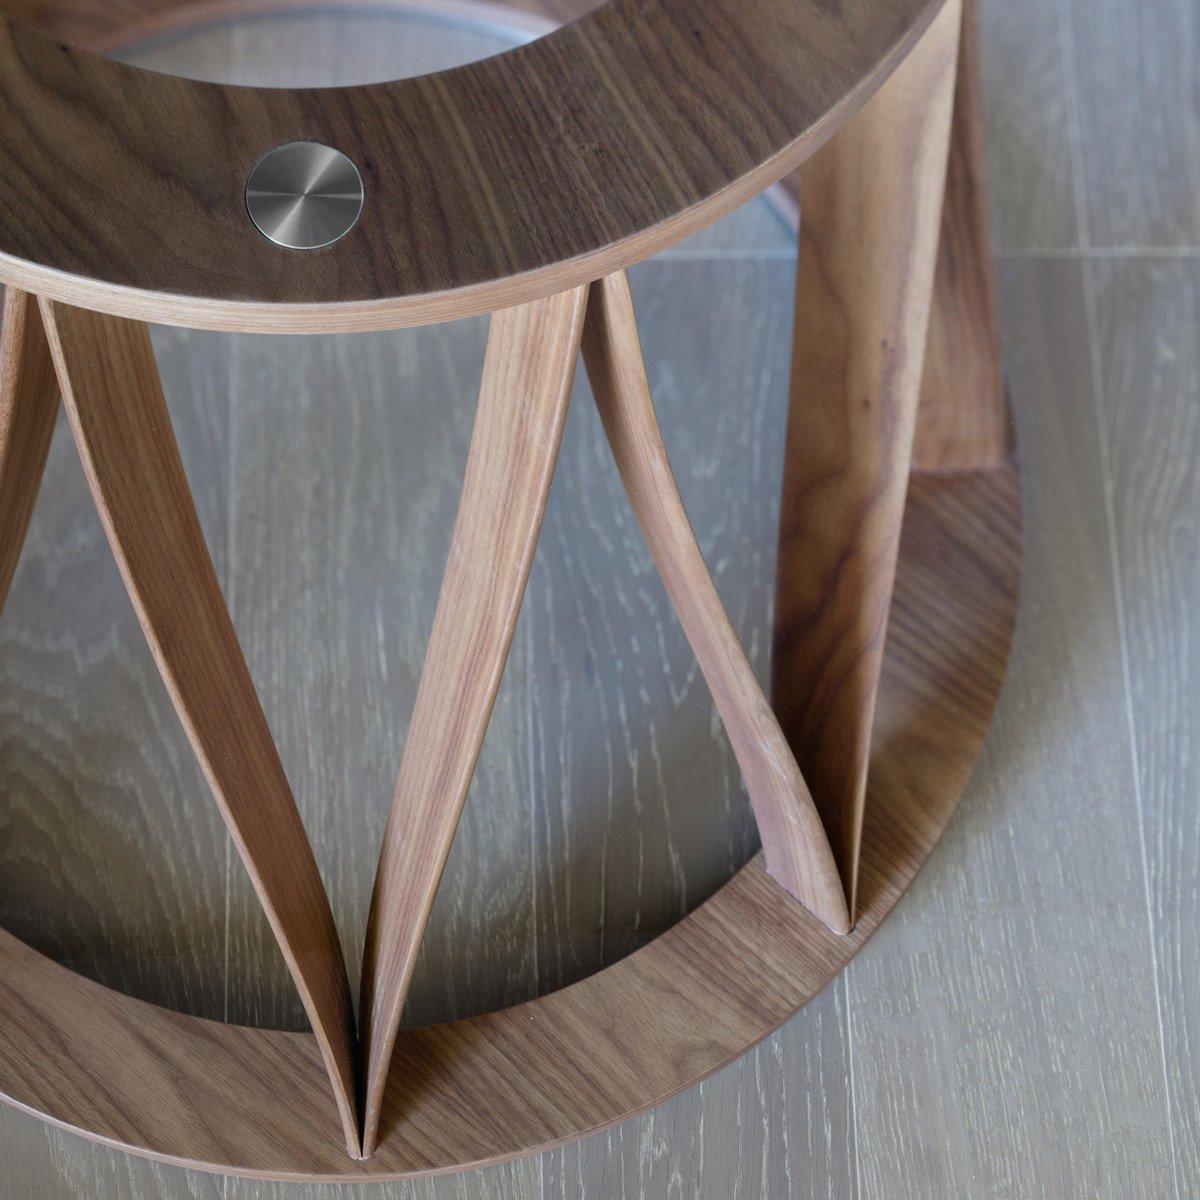 Acco Round Wood amp Glass Dining Table Klarity Glass  : acco glass dining table miniforms 2 from glassfurniture.co.uk size 1200 x 1200 jpeg 69kB